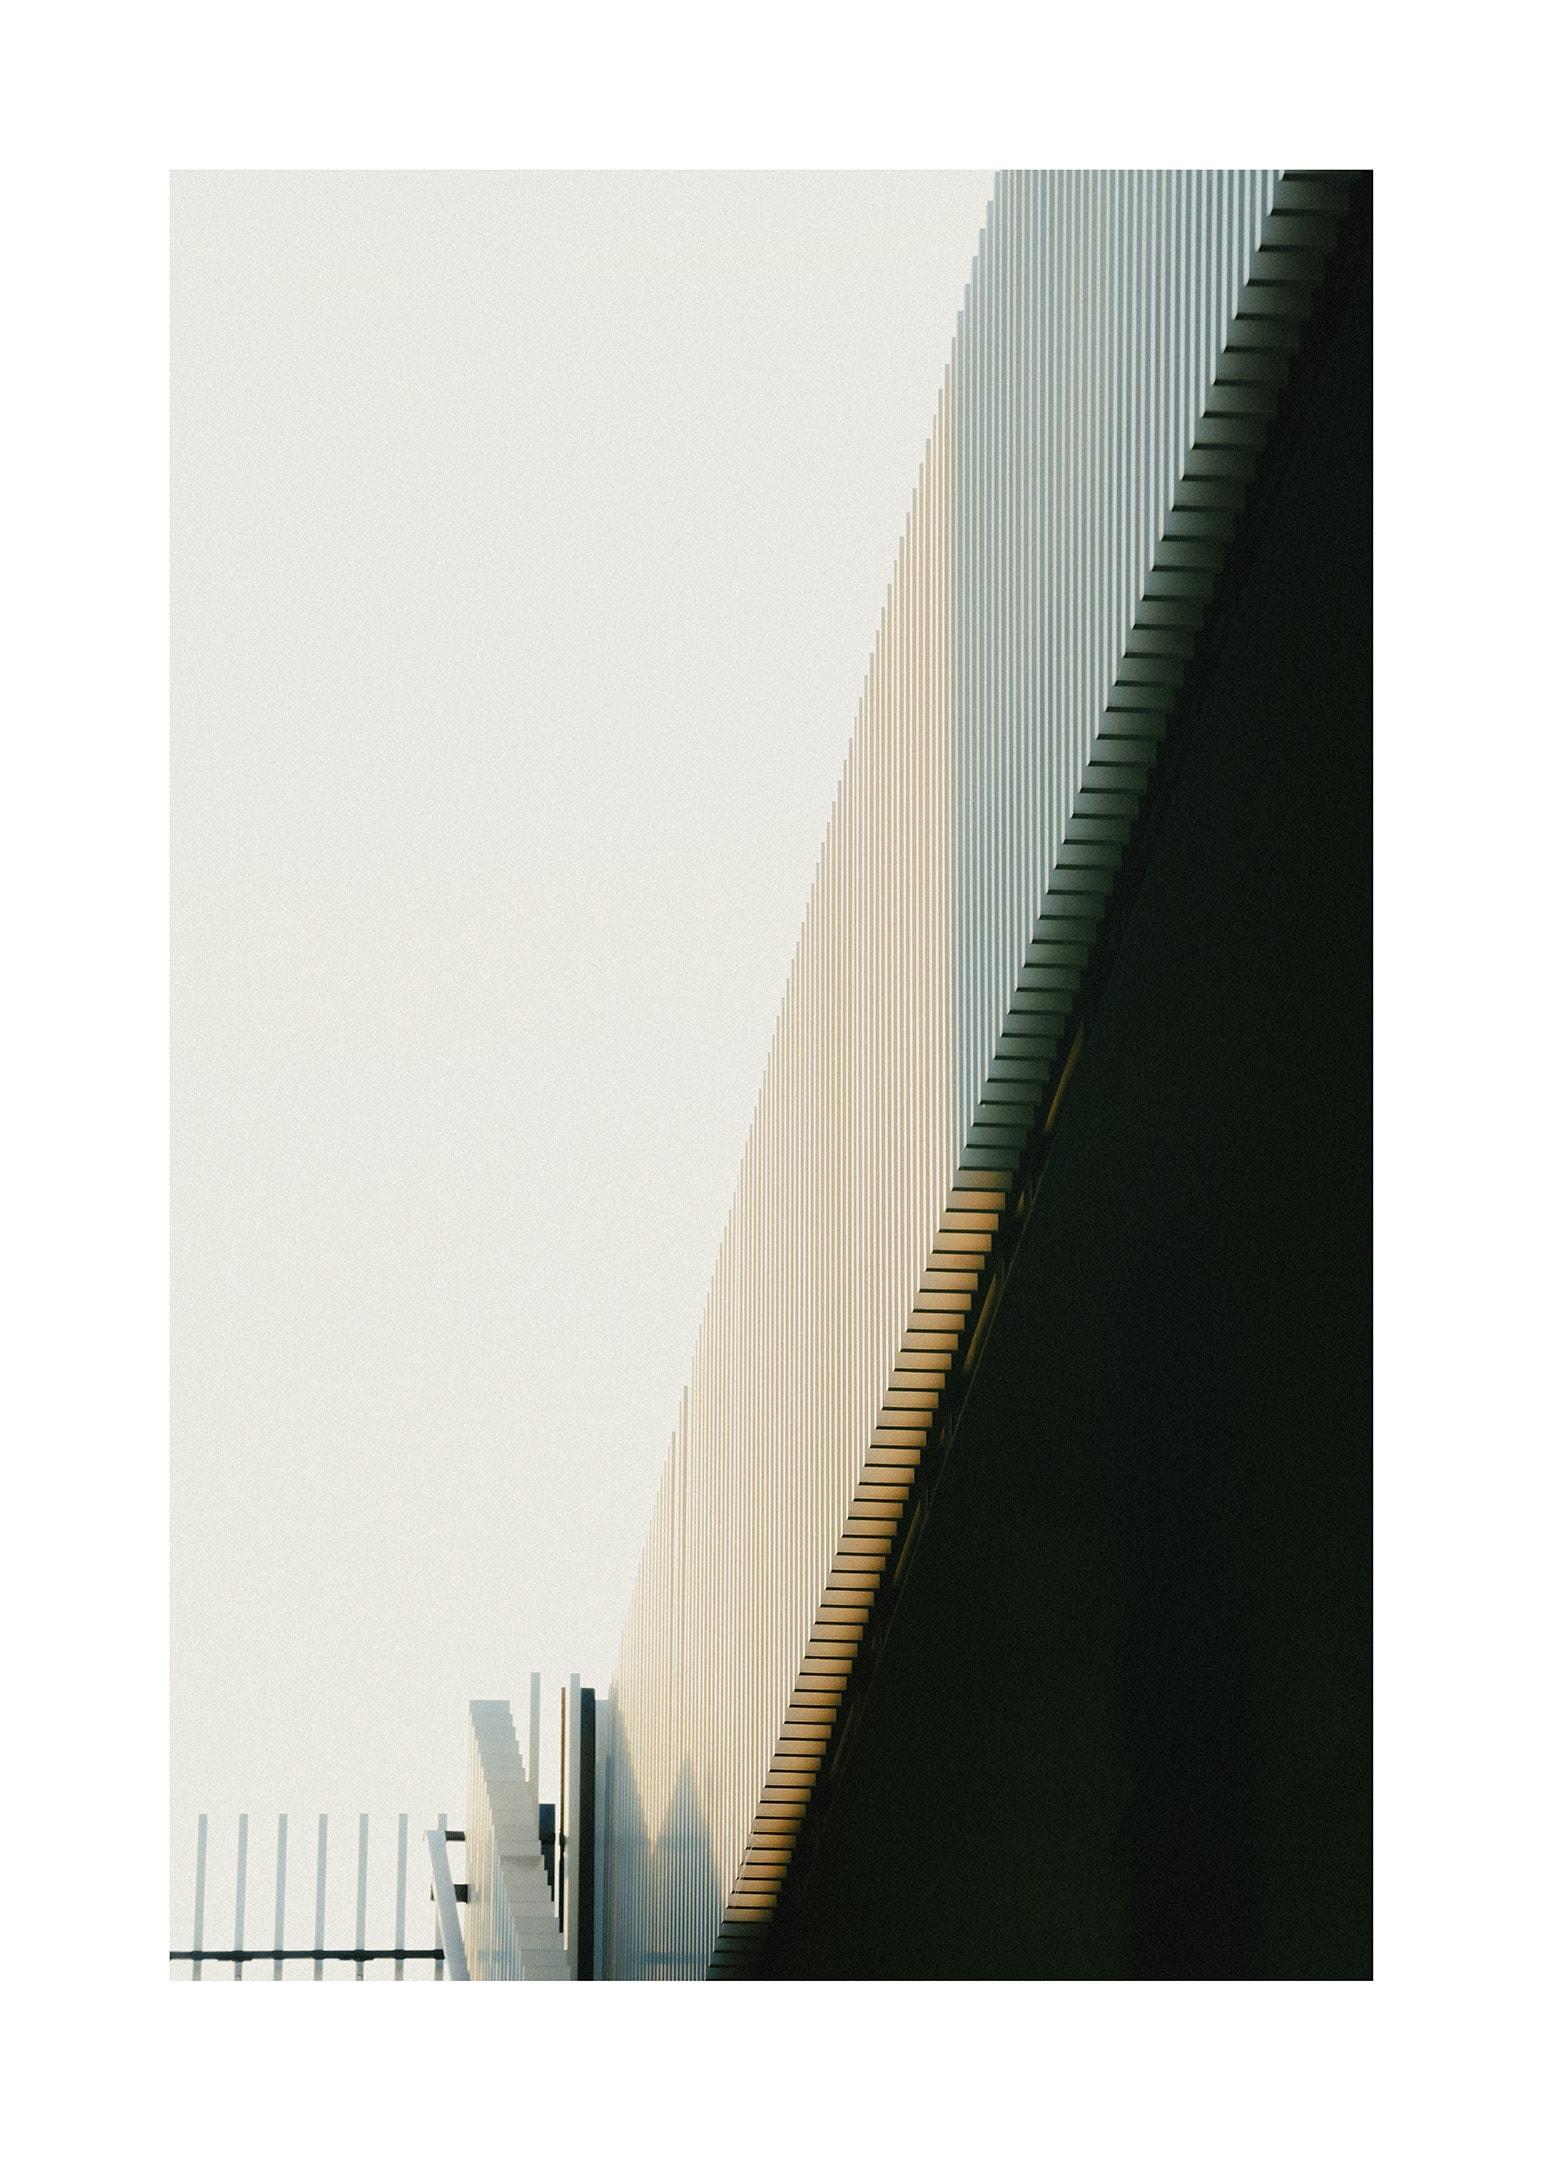 Abstrakt arkitektur i dämpade färger